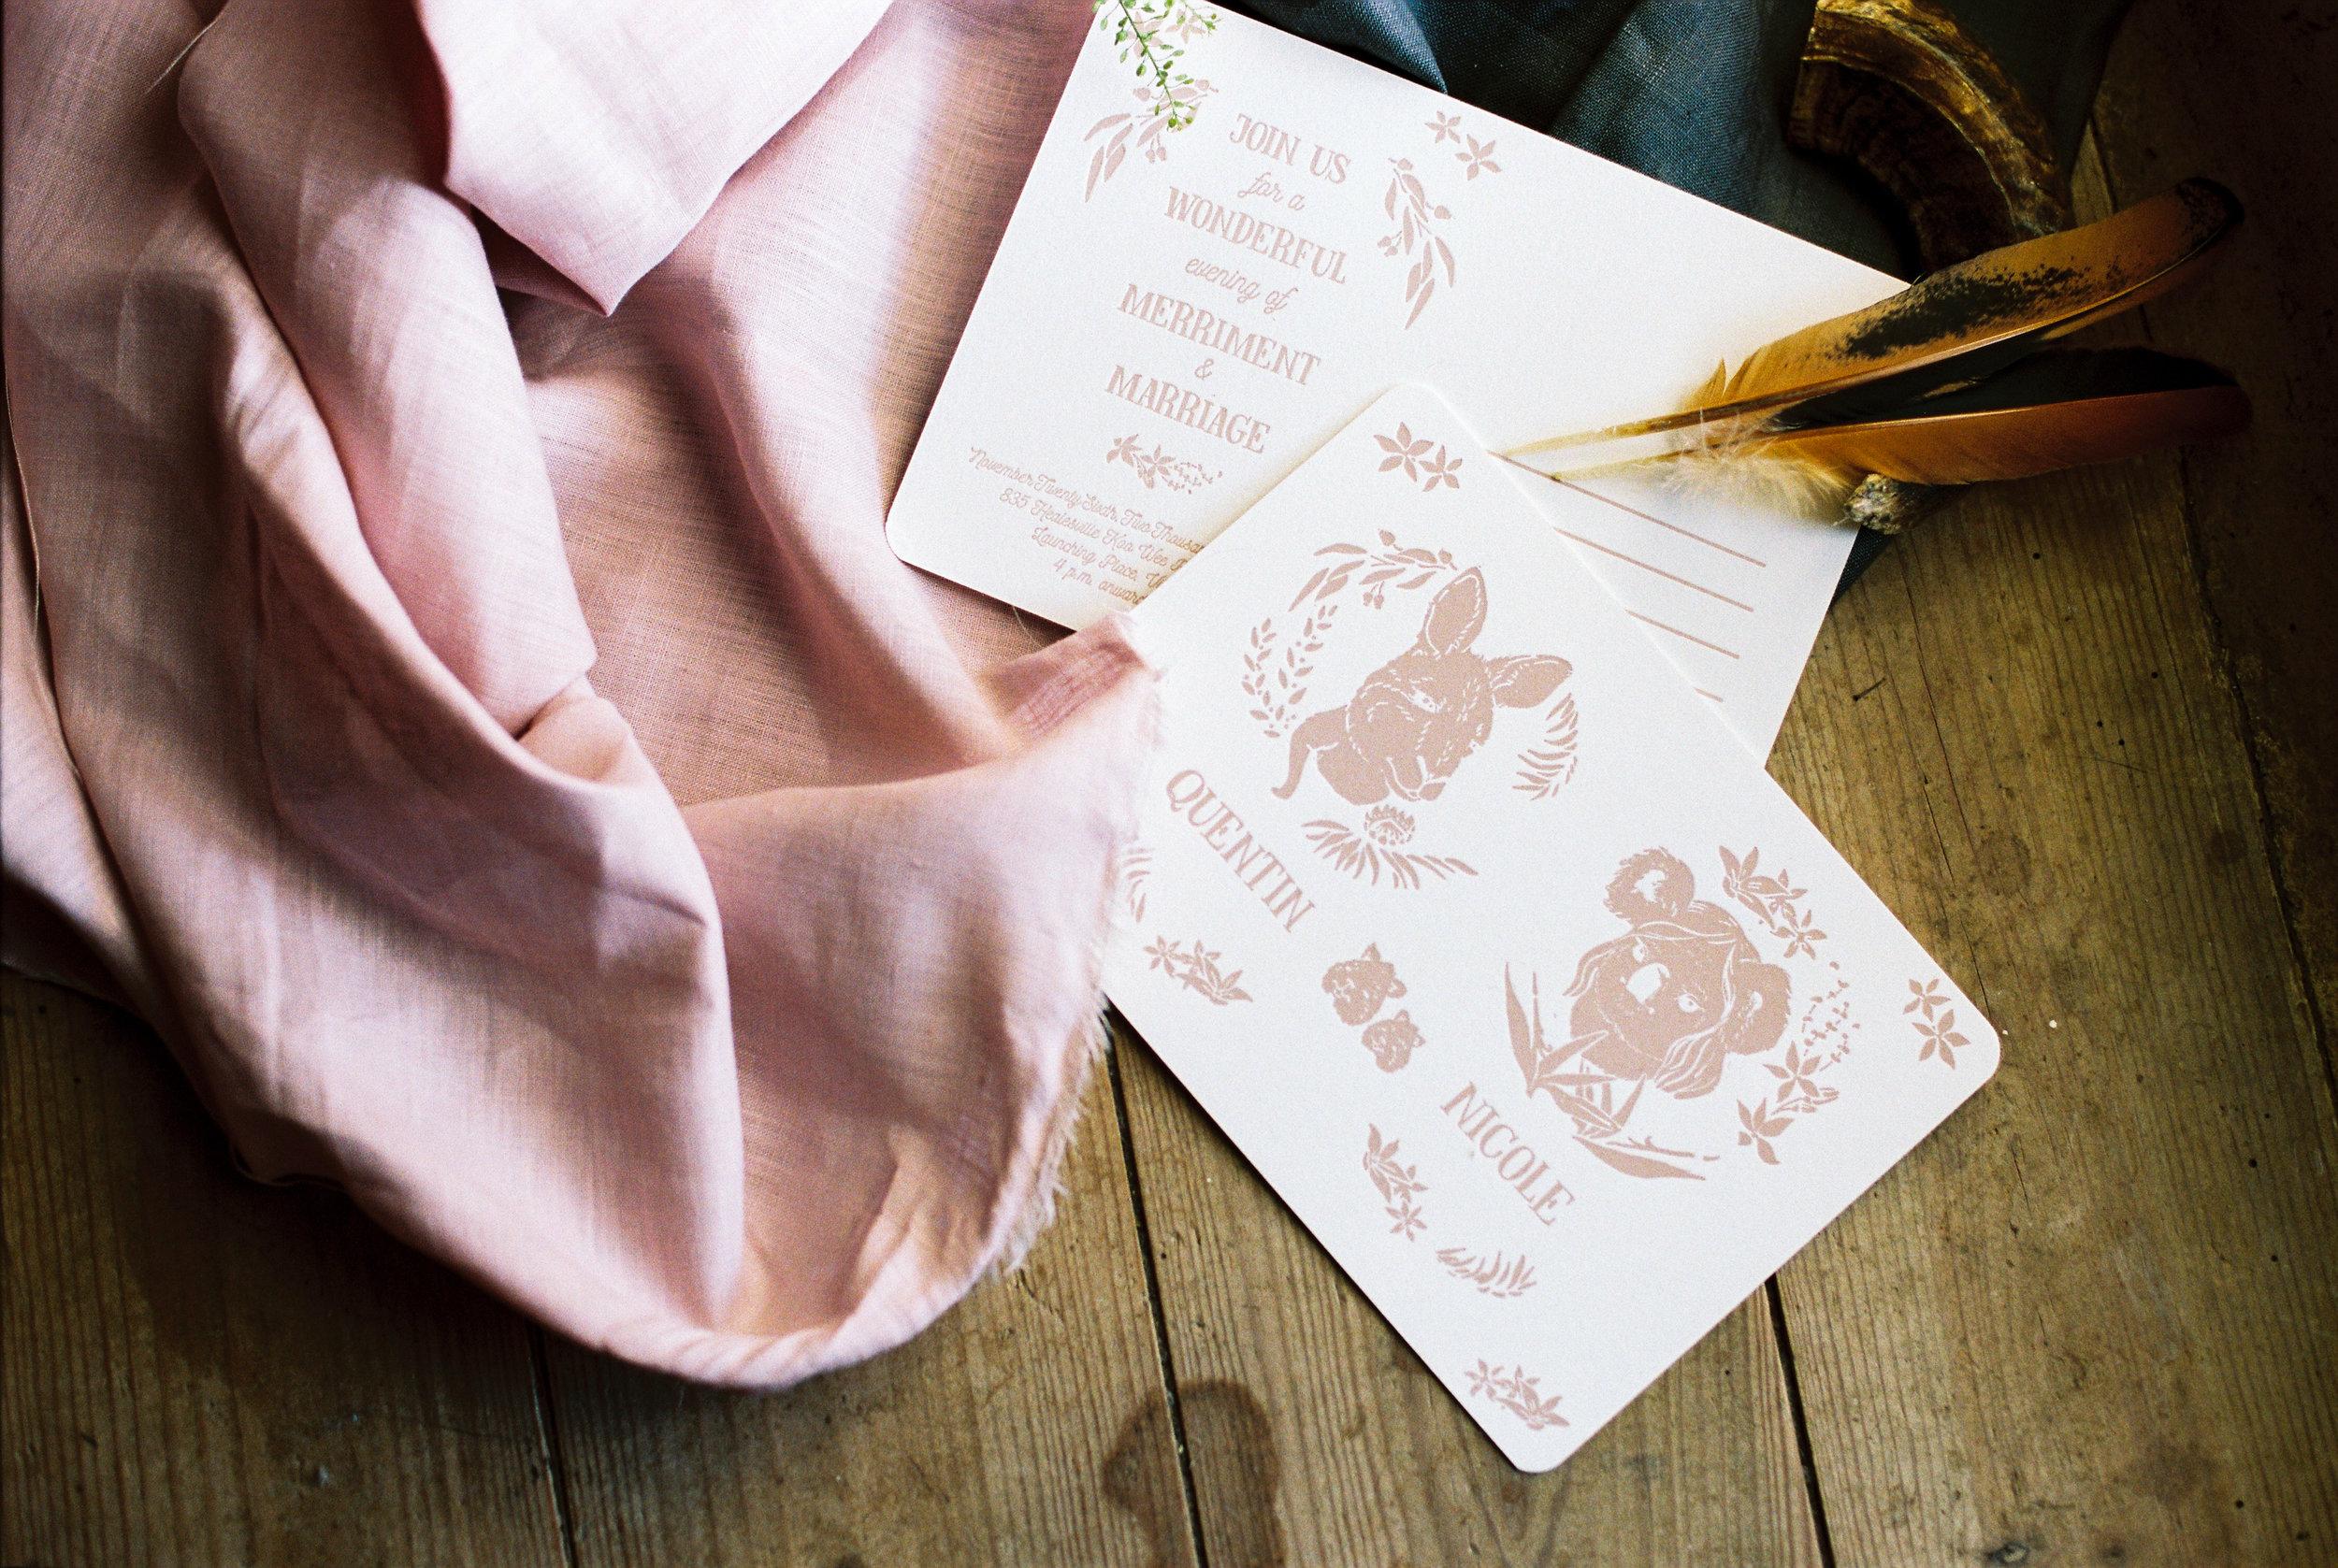 Nicole y Quentin wedding invitations by Castelo Studio